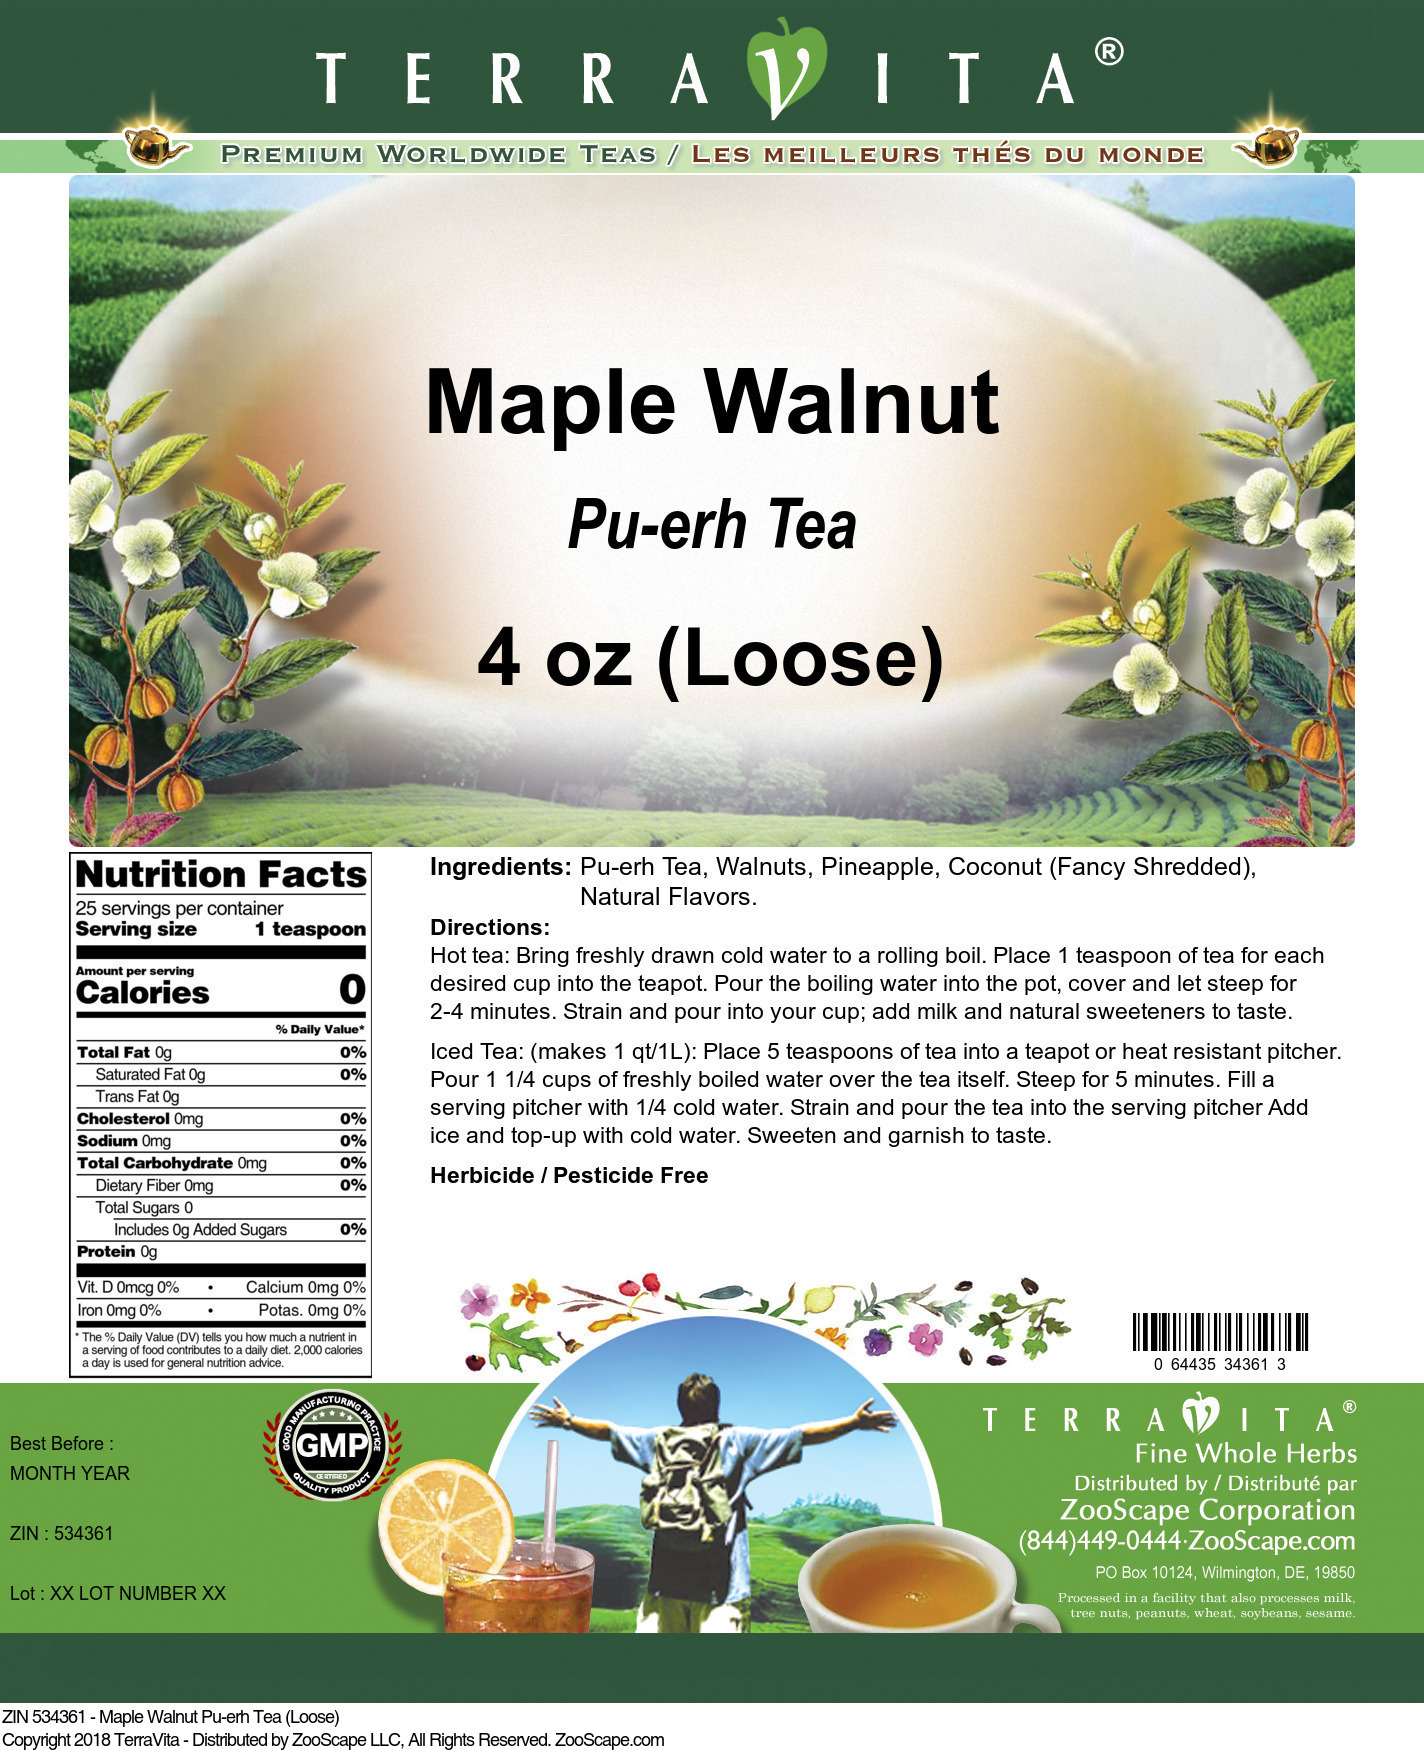 Maple Walnut Pu-erh Tea (Loose)